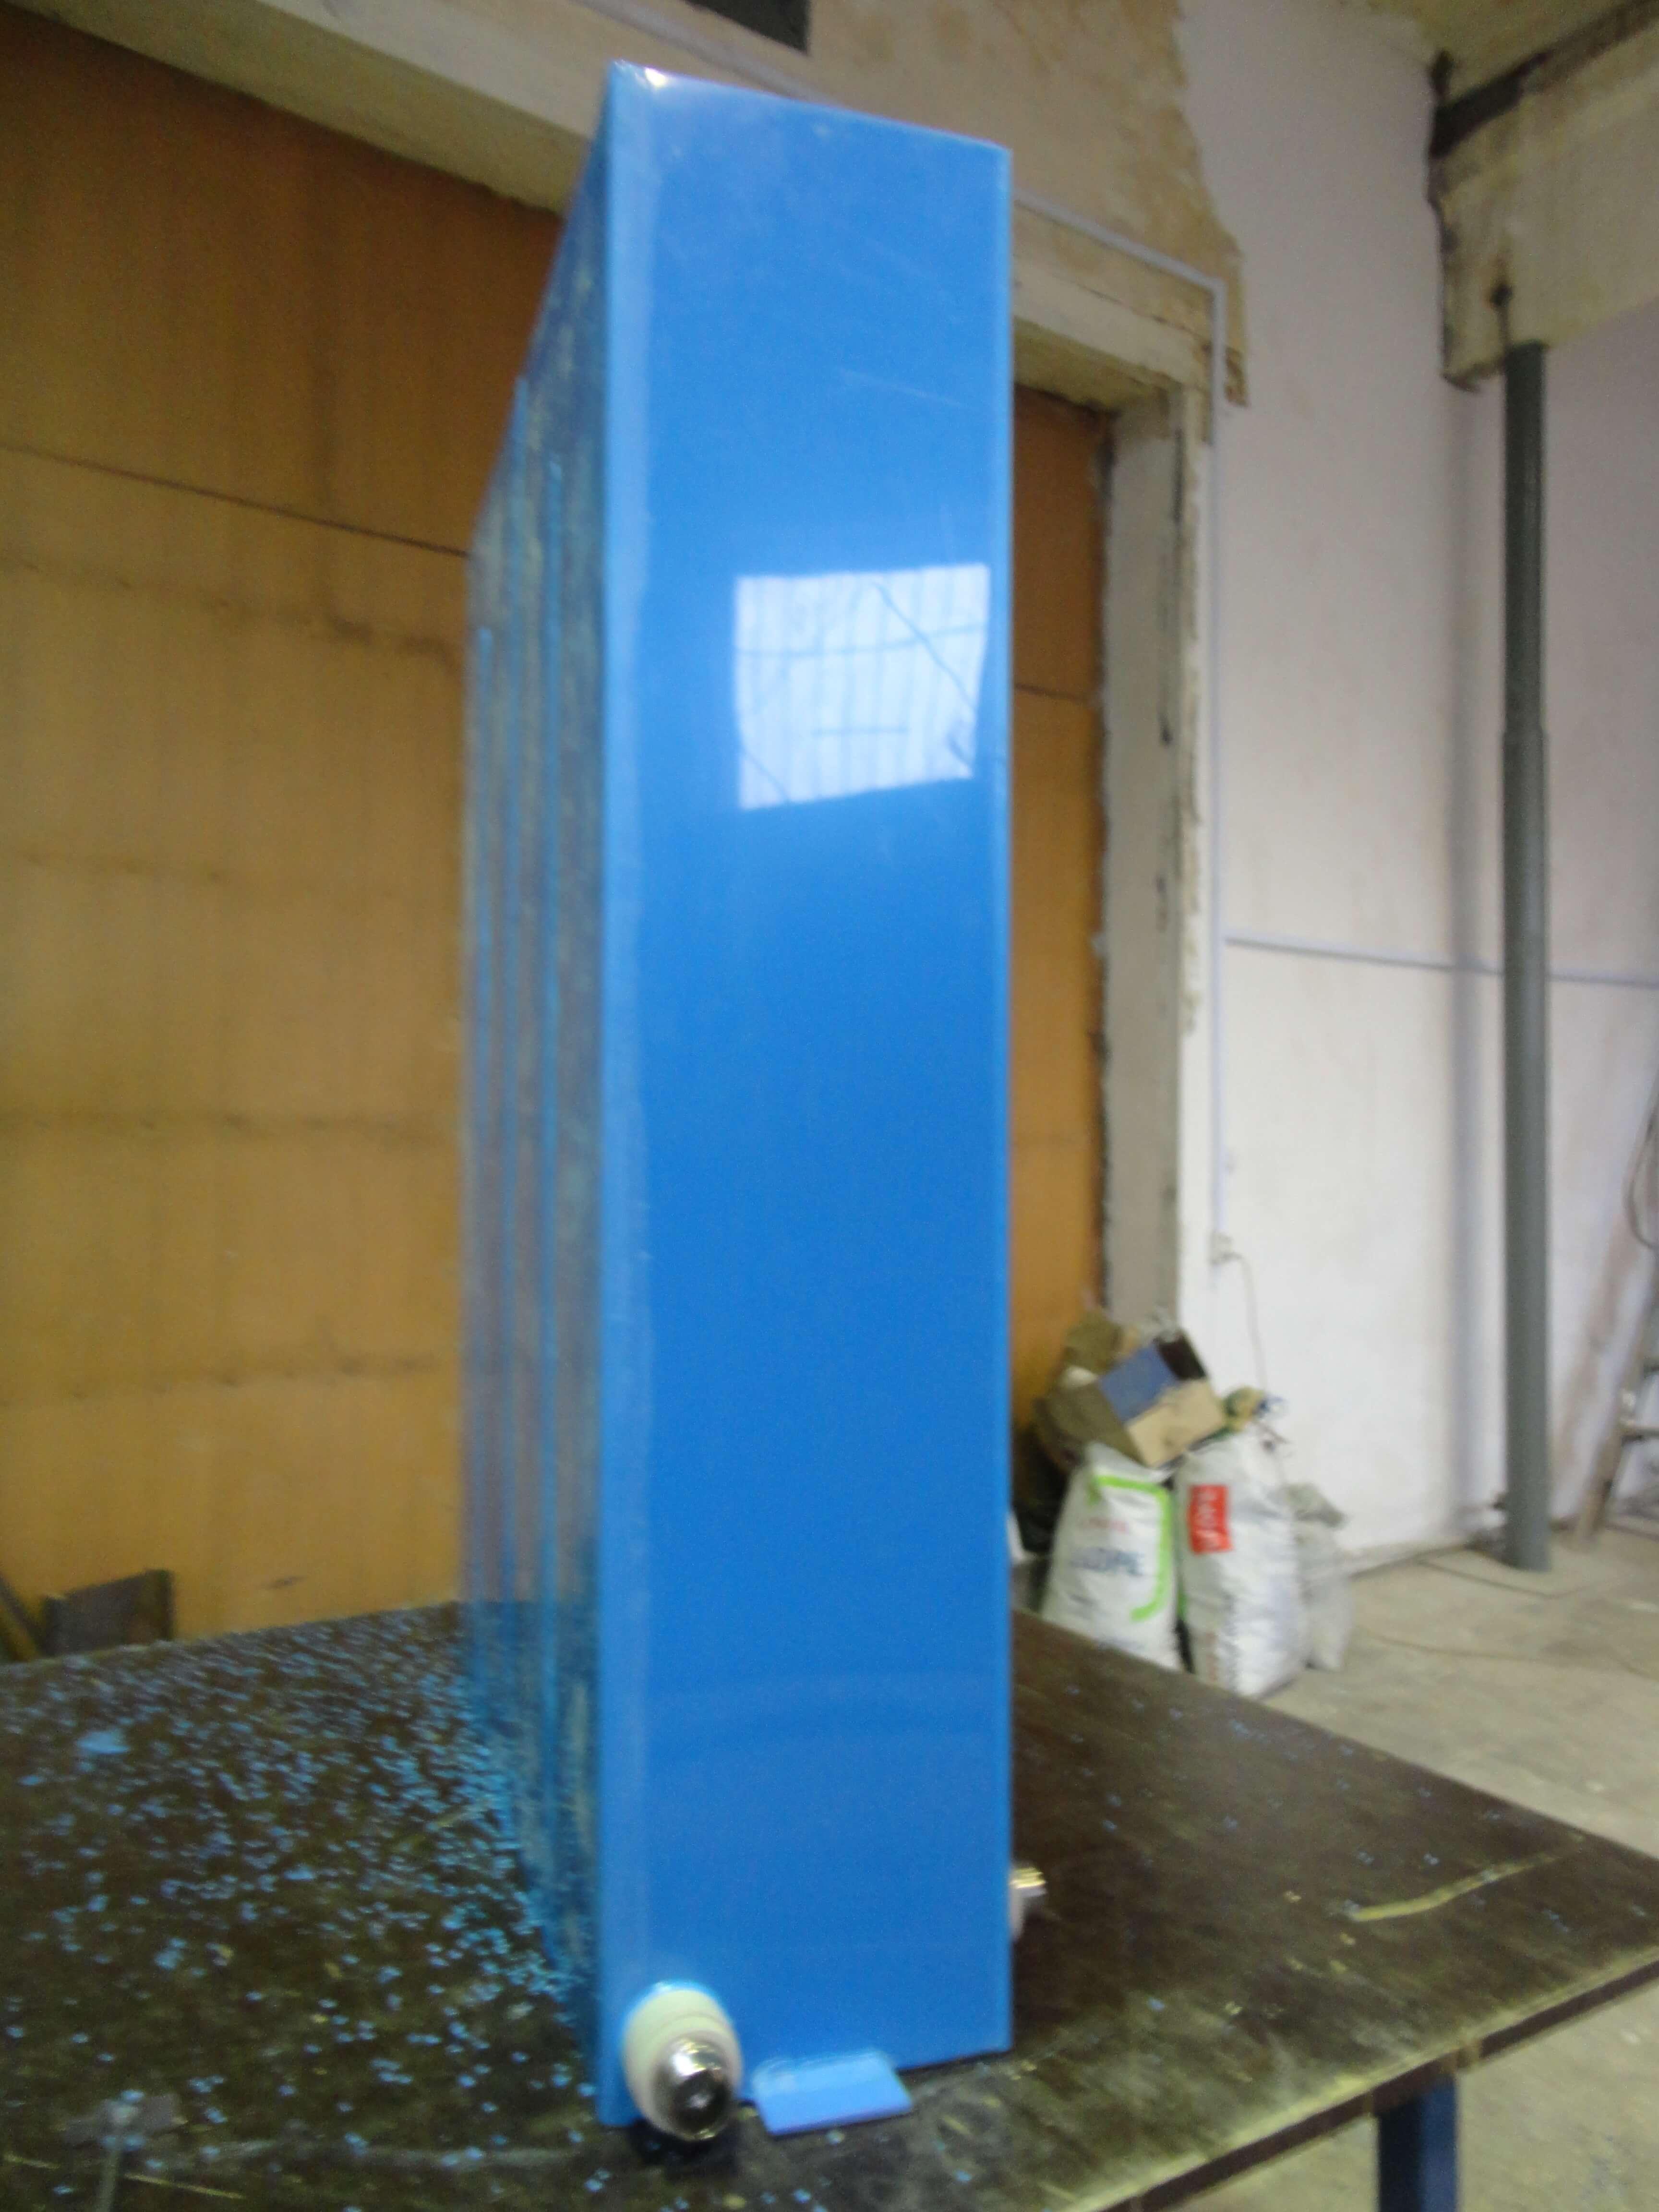 Фото №1. Емкость из синего ПП для питьевой воды. (Вид 1)